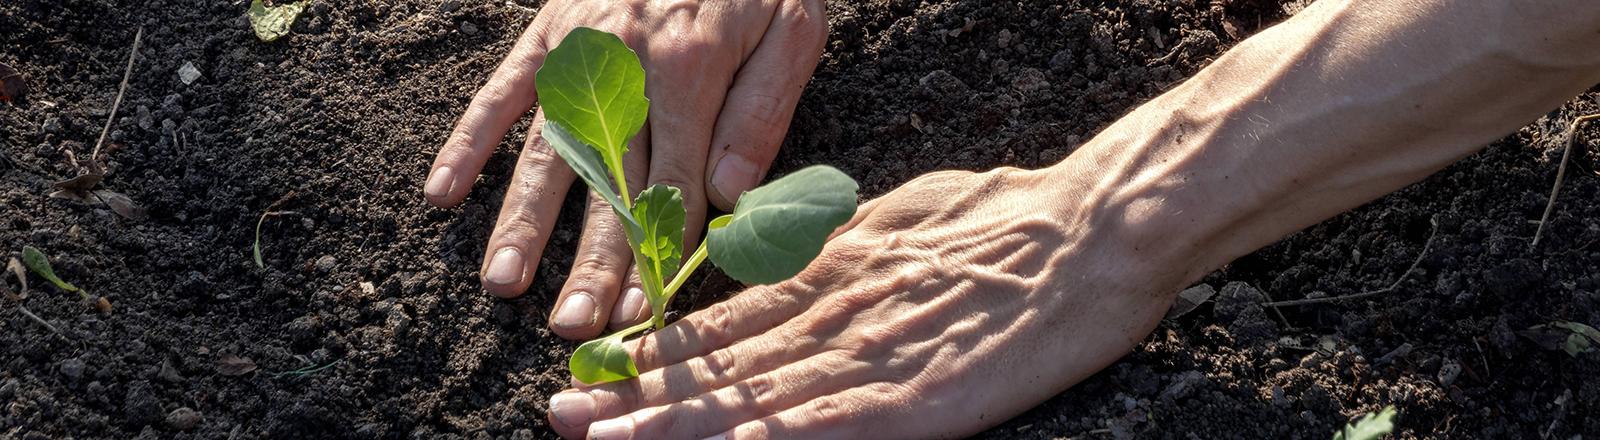 Ein Mann pflanzt eine Pflanze.